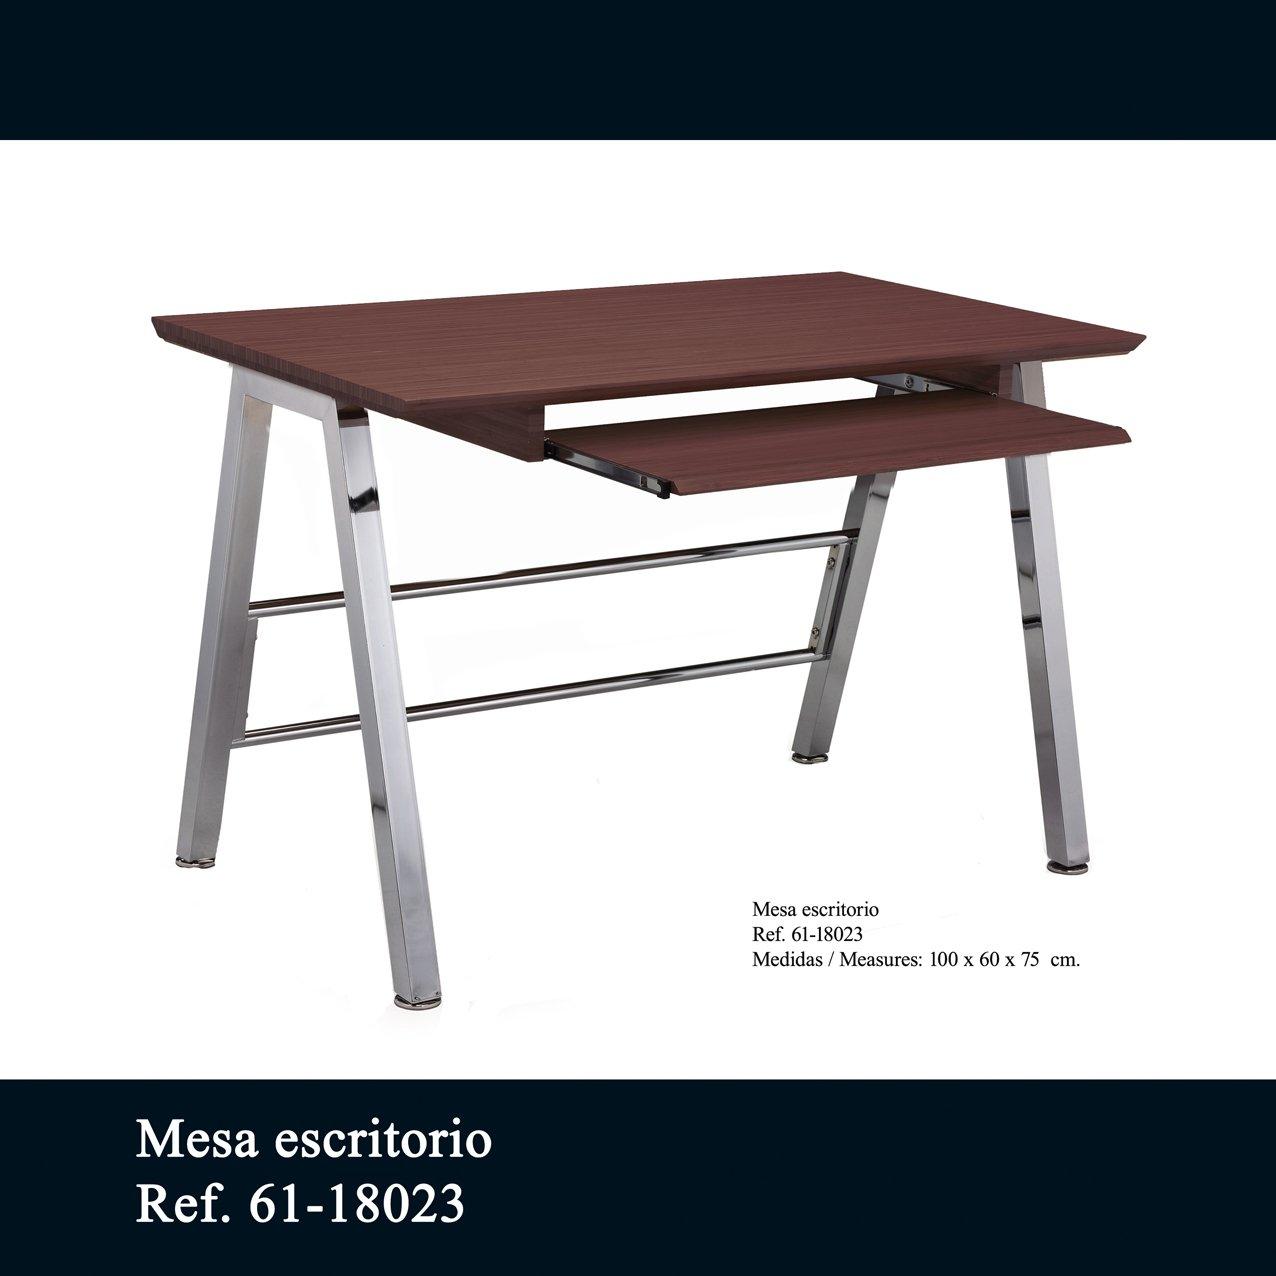 Clements Mesa Escritorio en Madera Caoba: Amazon.es: Hogar